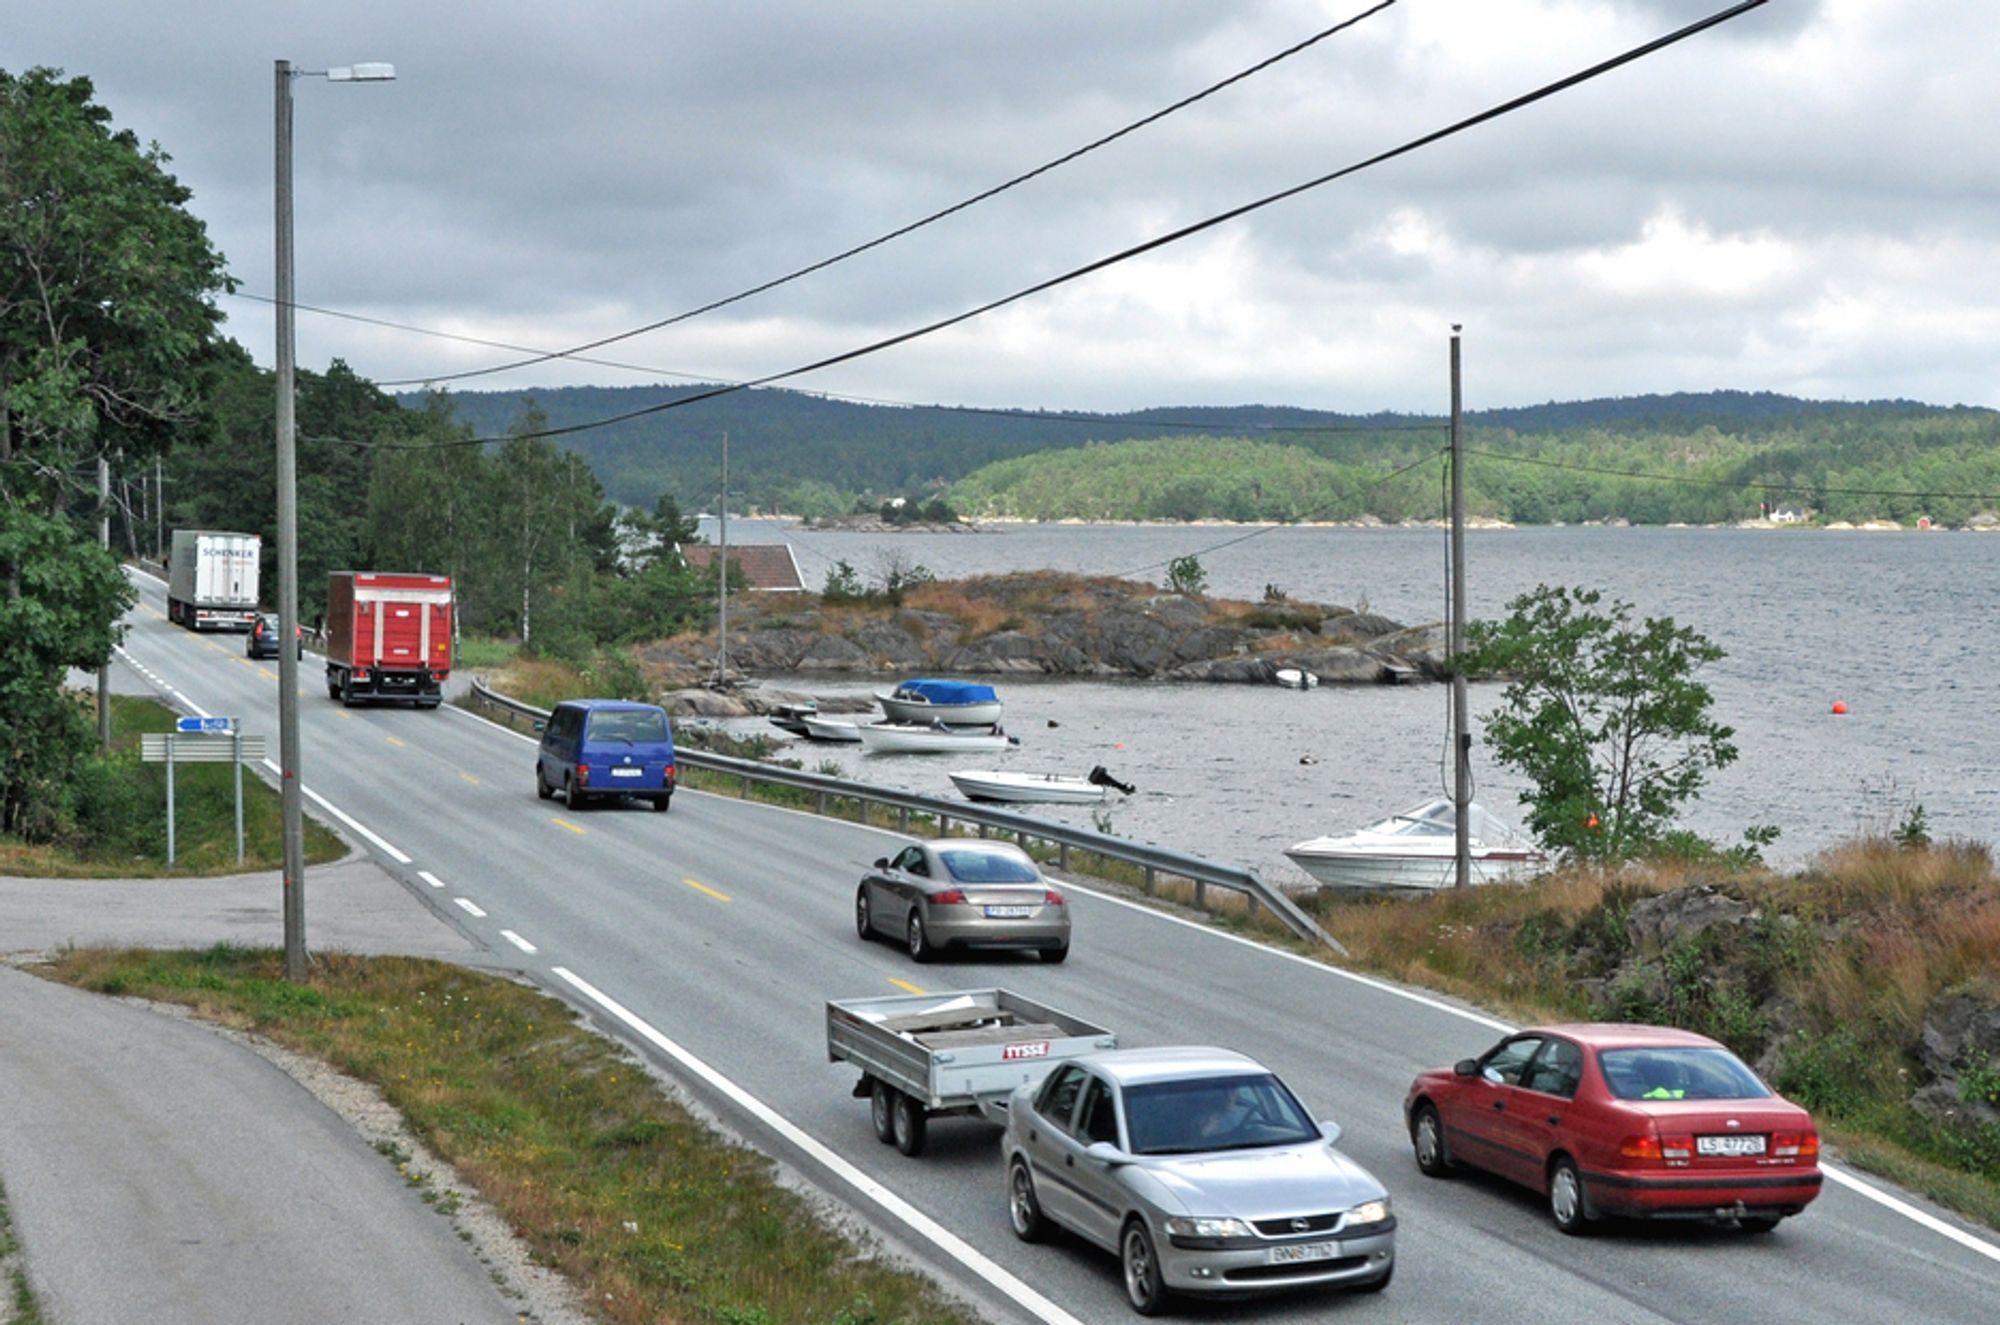 Mesta kan miste to av tre driftskontrakter, men ligger an til å beholde området Arendal vest. Til dette området hører riksveg 420 langs Kaldvellfjorden i Lillesand. Bildet er tatt mens vegen ennå het E 18.